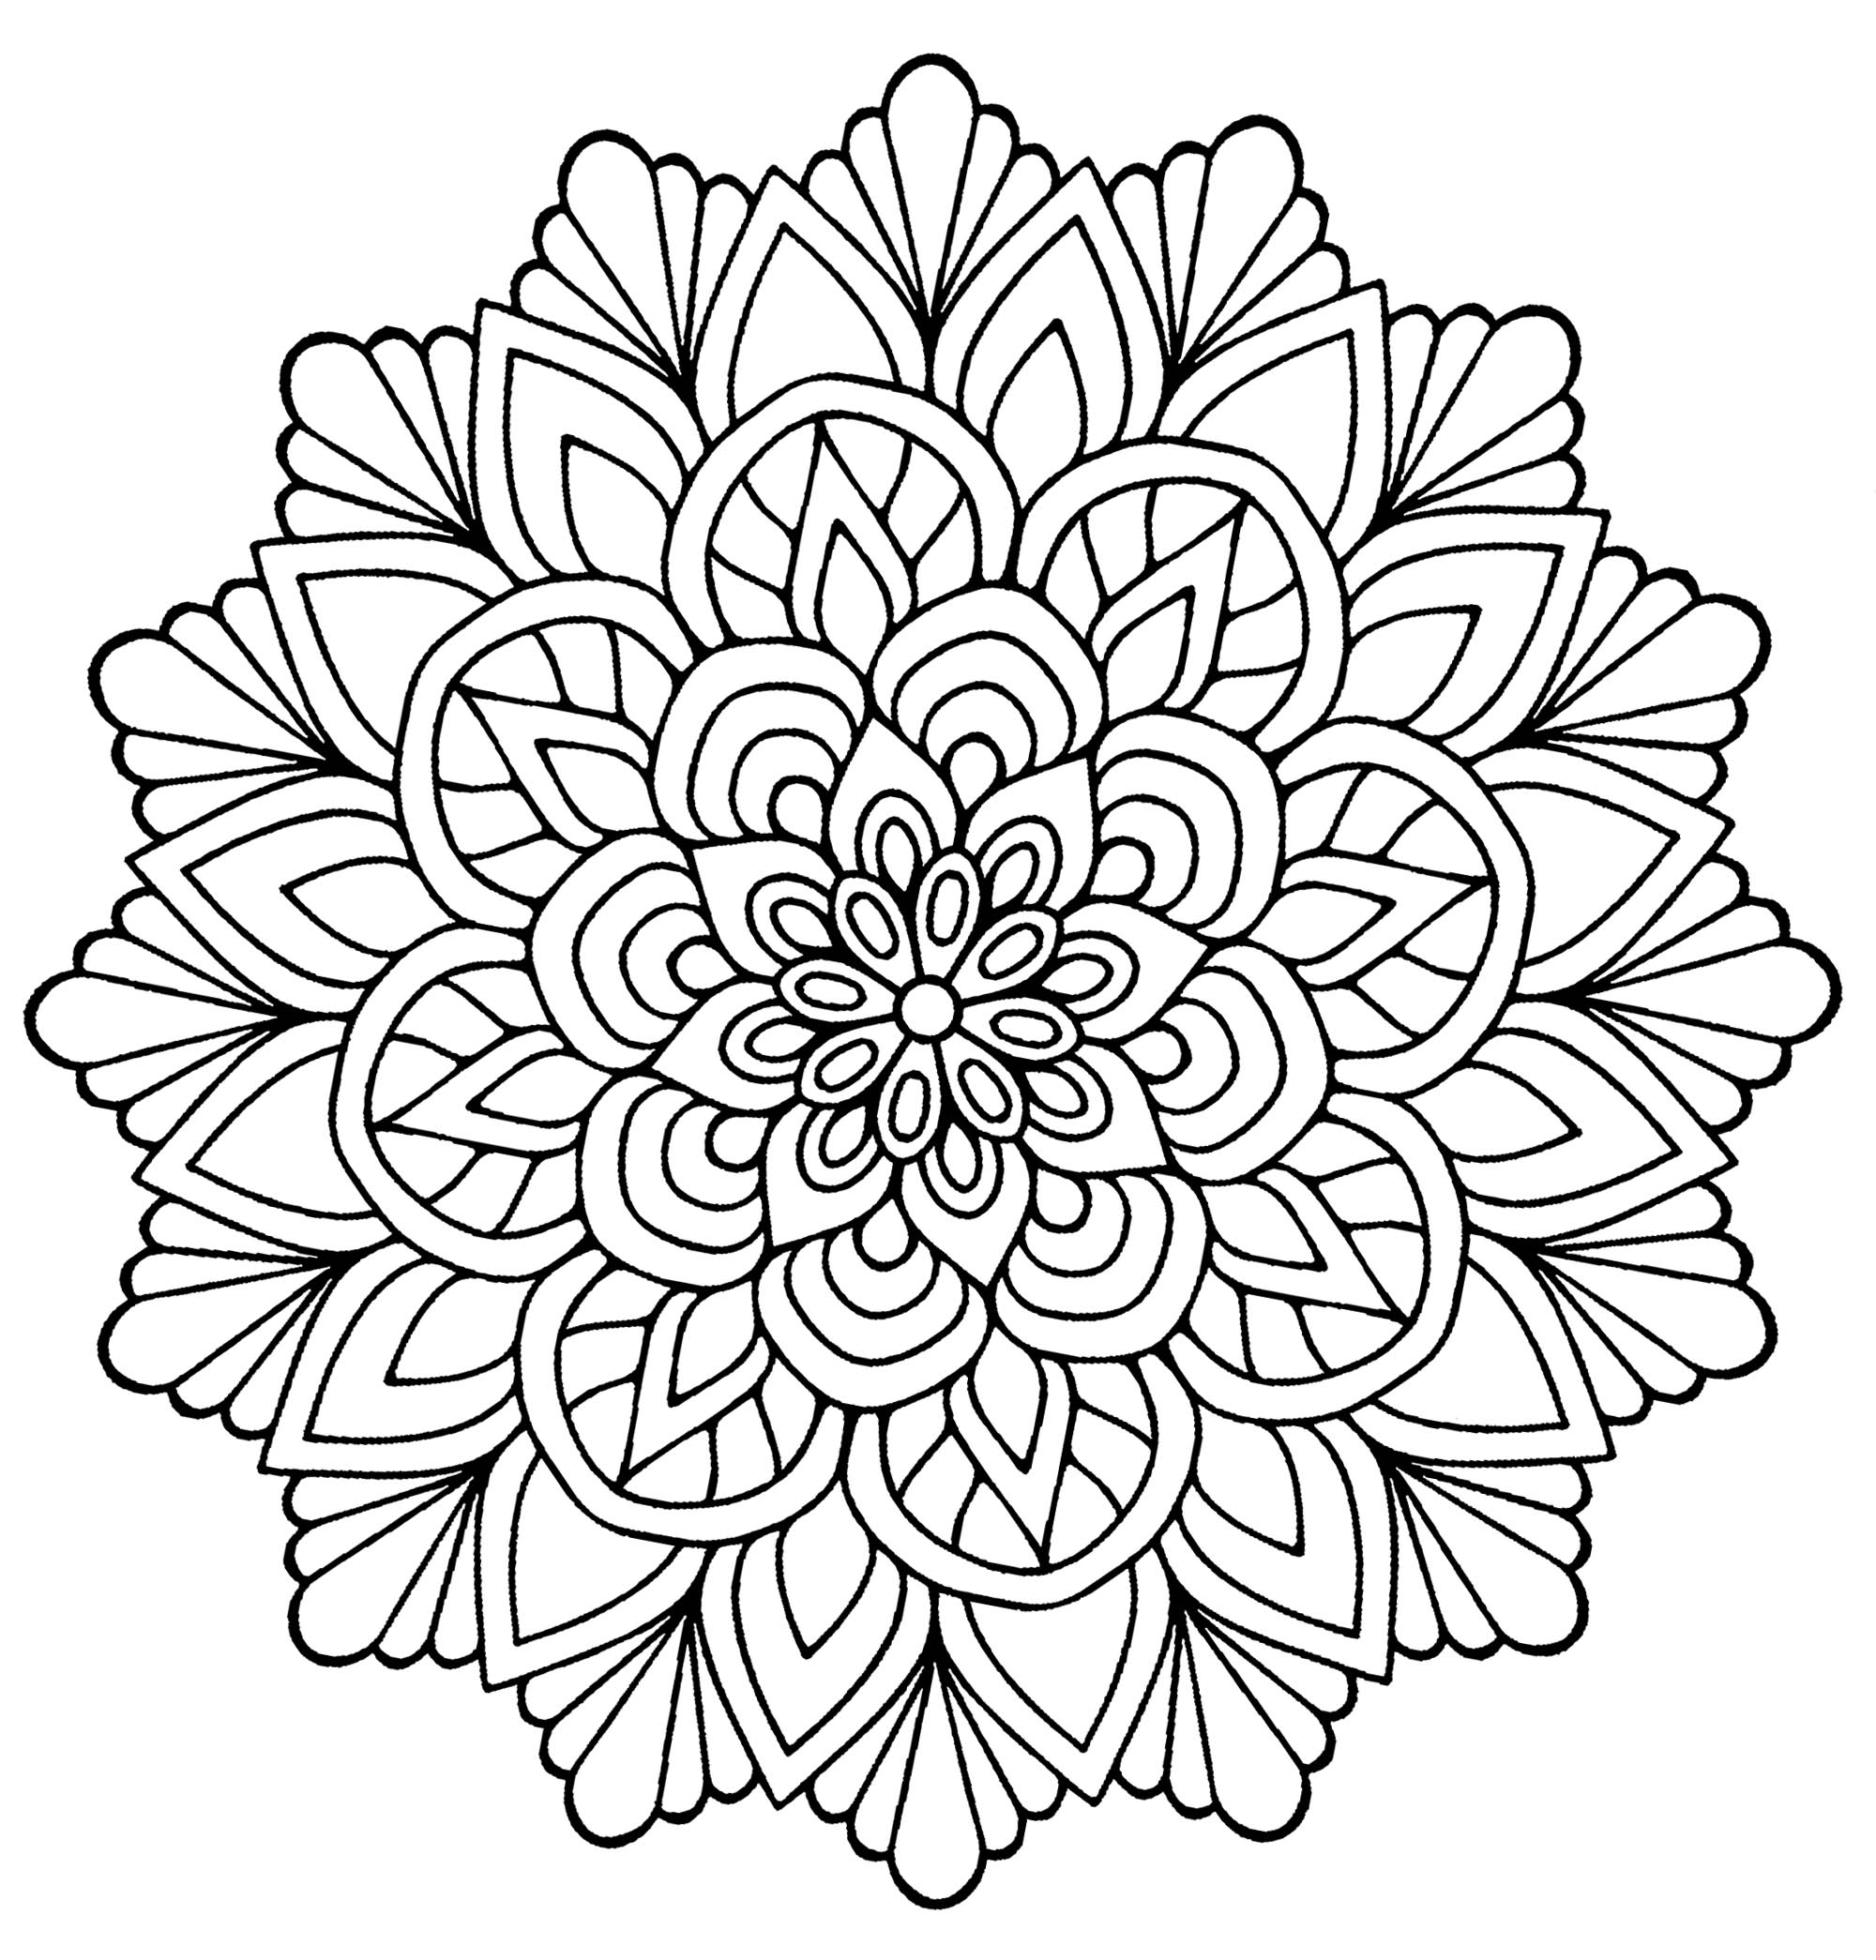 Coloriage Fleur Zen.Mandala Simple Et Fleuri Mandalas Sur Le Theme Des Fleurs Et